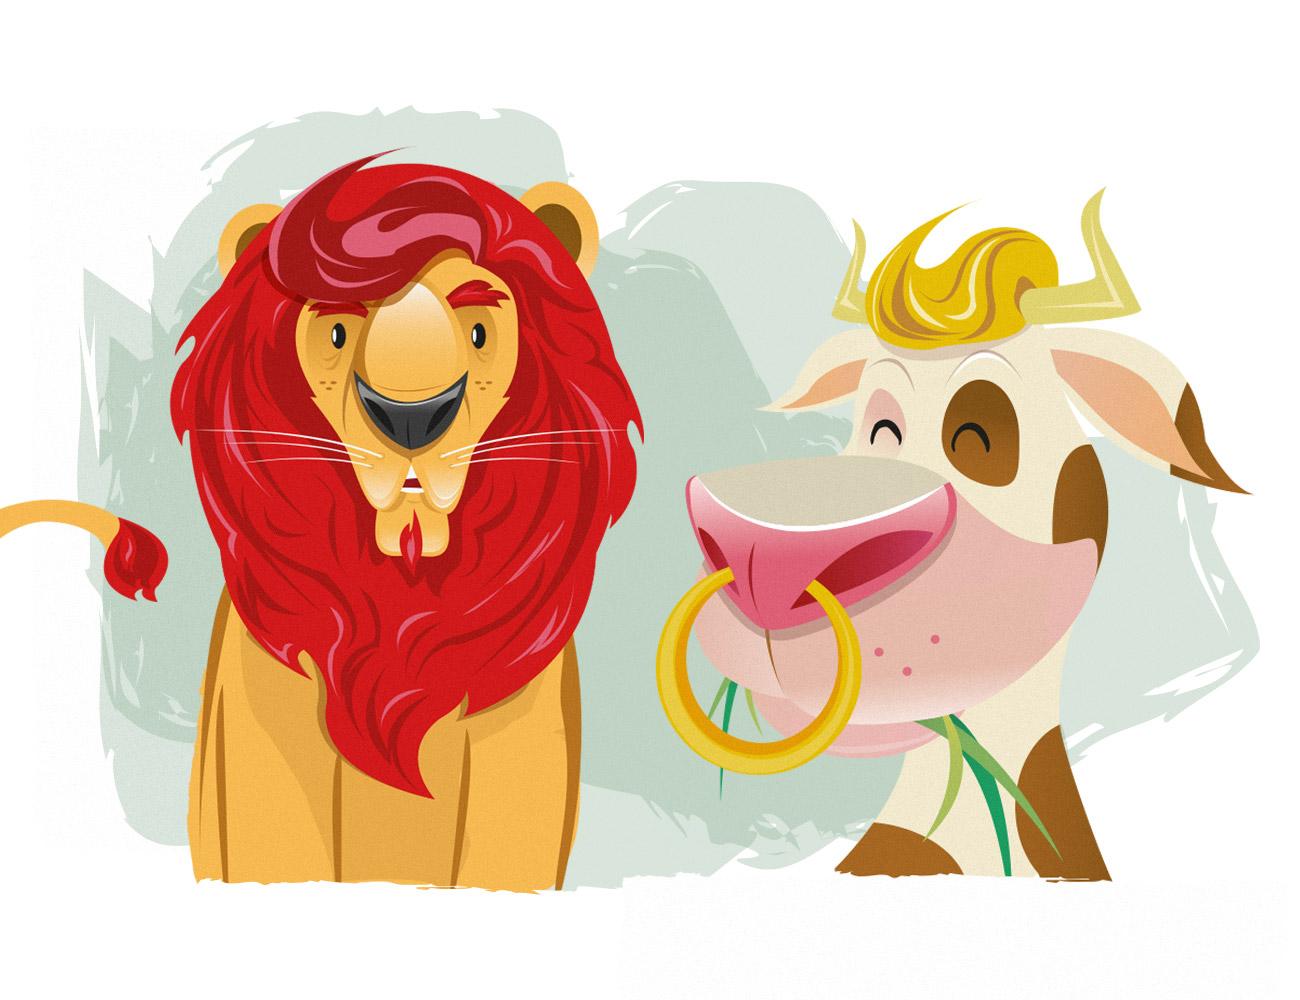 leone-mucca-aic-celiachia-gioco-in-fuga-dal-glutine-simone-roveda-libri-bambini-intolleranze-alimentari